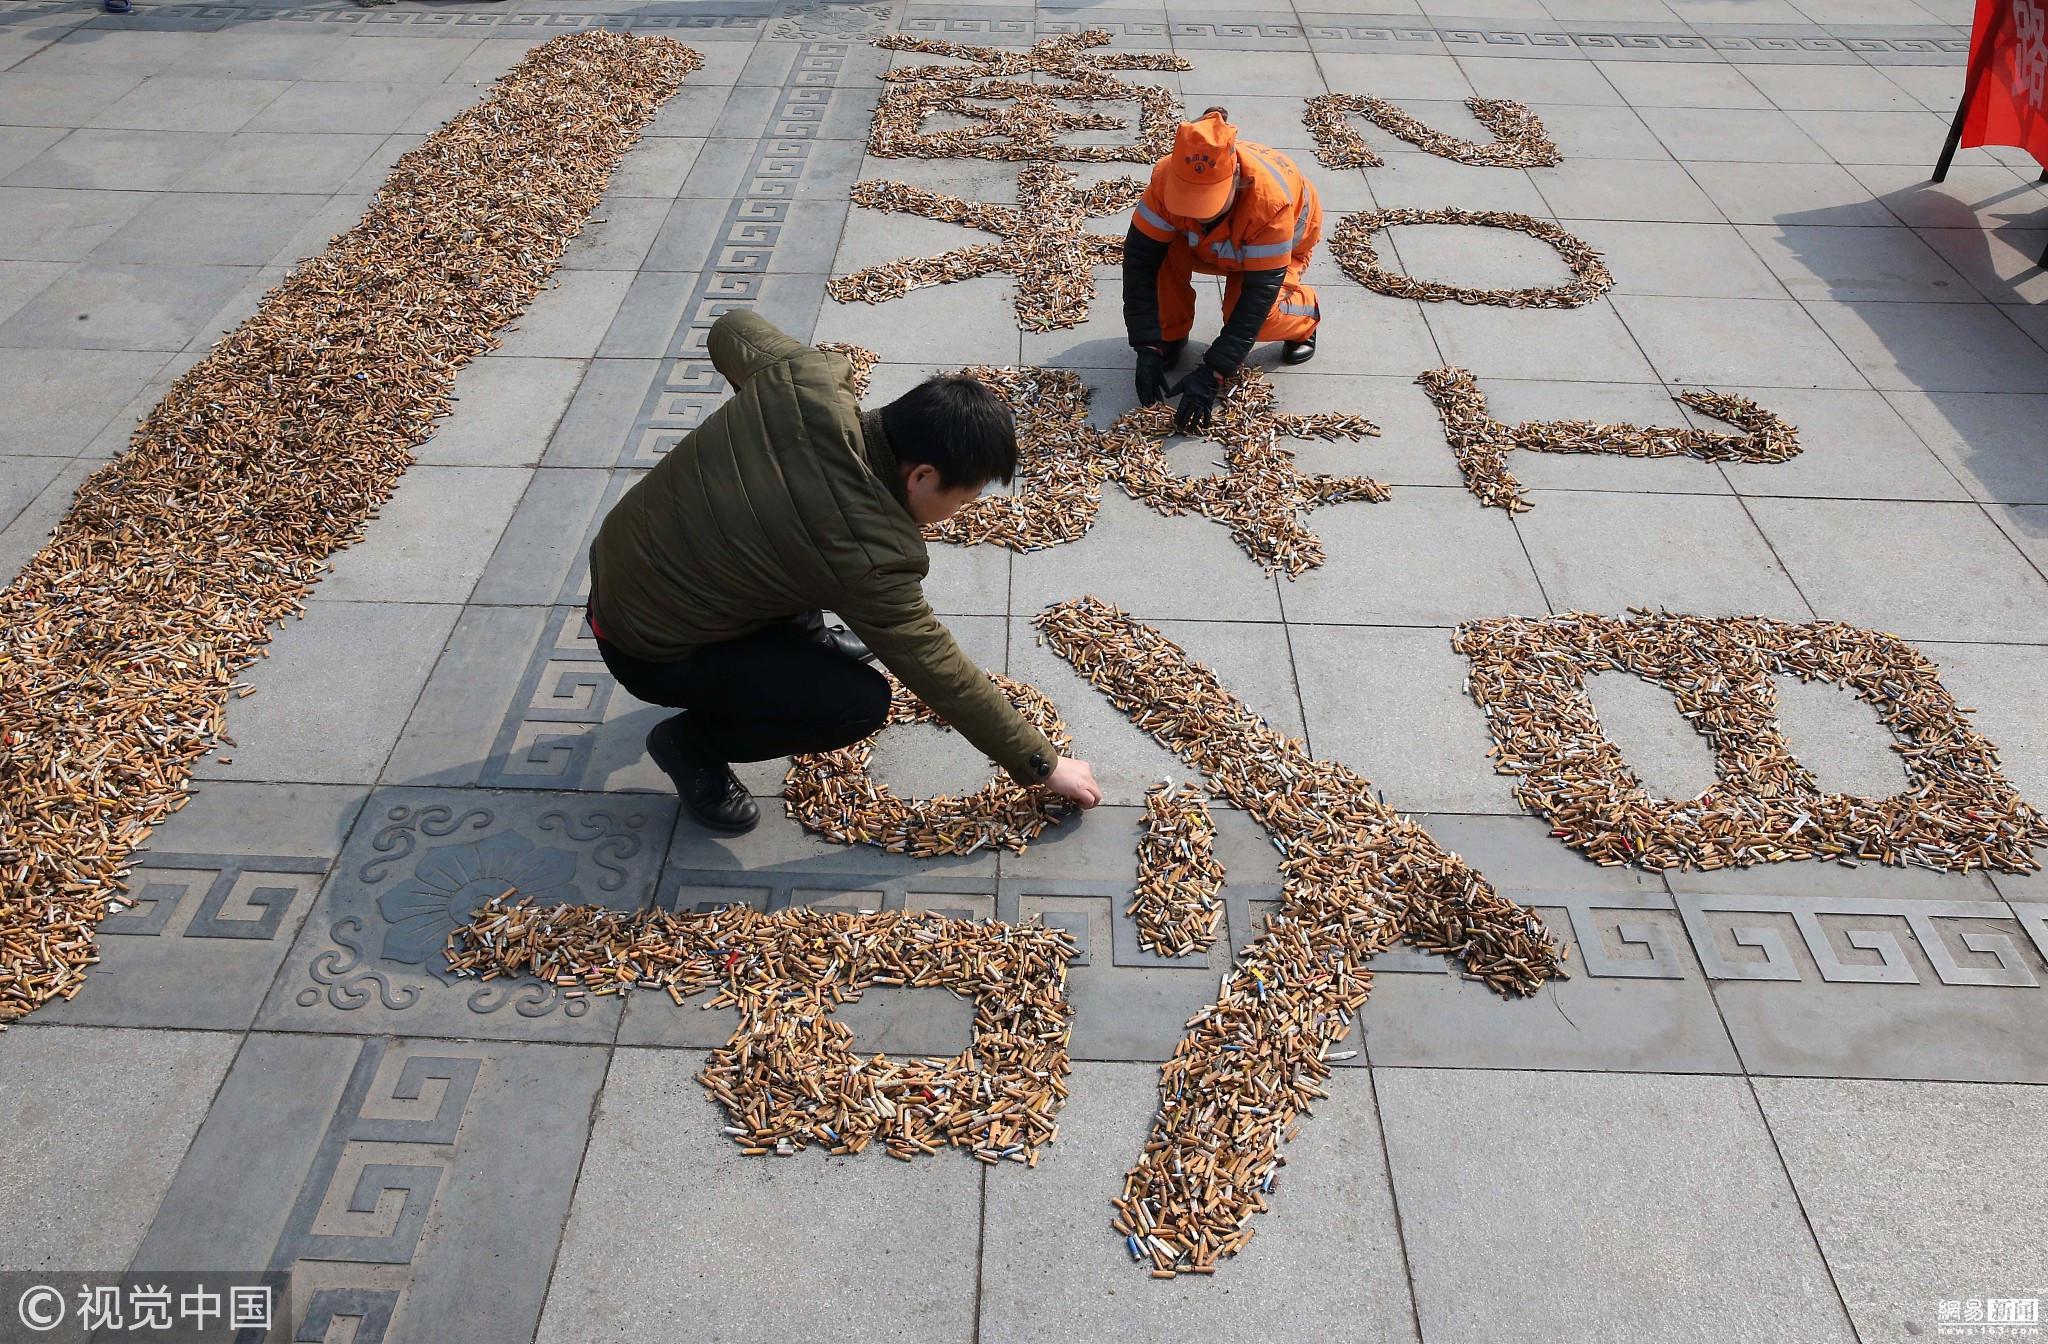 环卫工攒乱丢烟头街头摆字 呼吁环保 ! - 周公乐 - xinhua8848 的博客